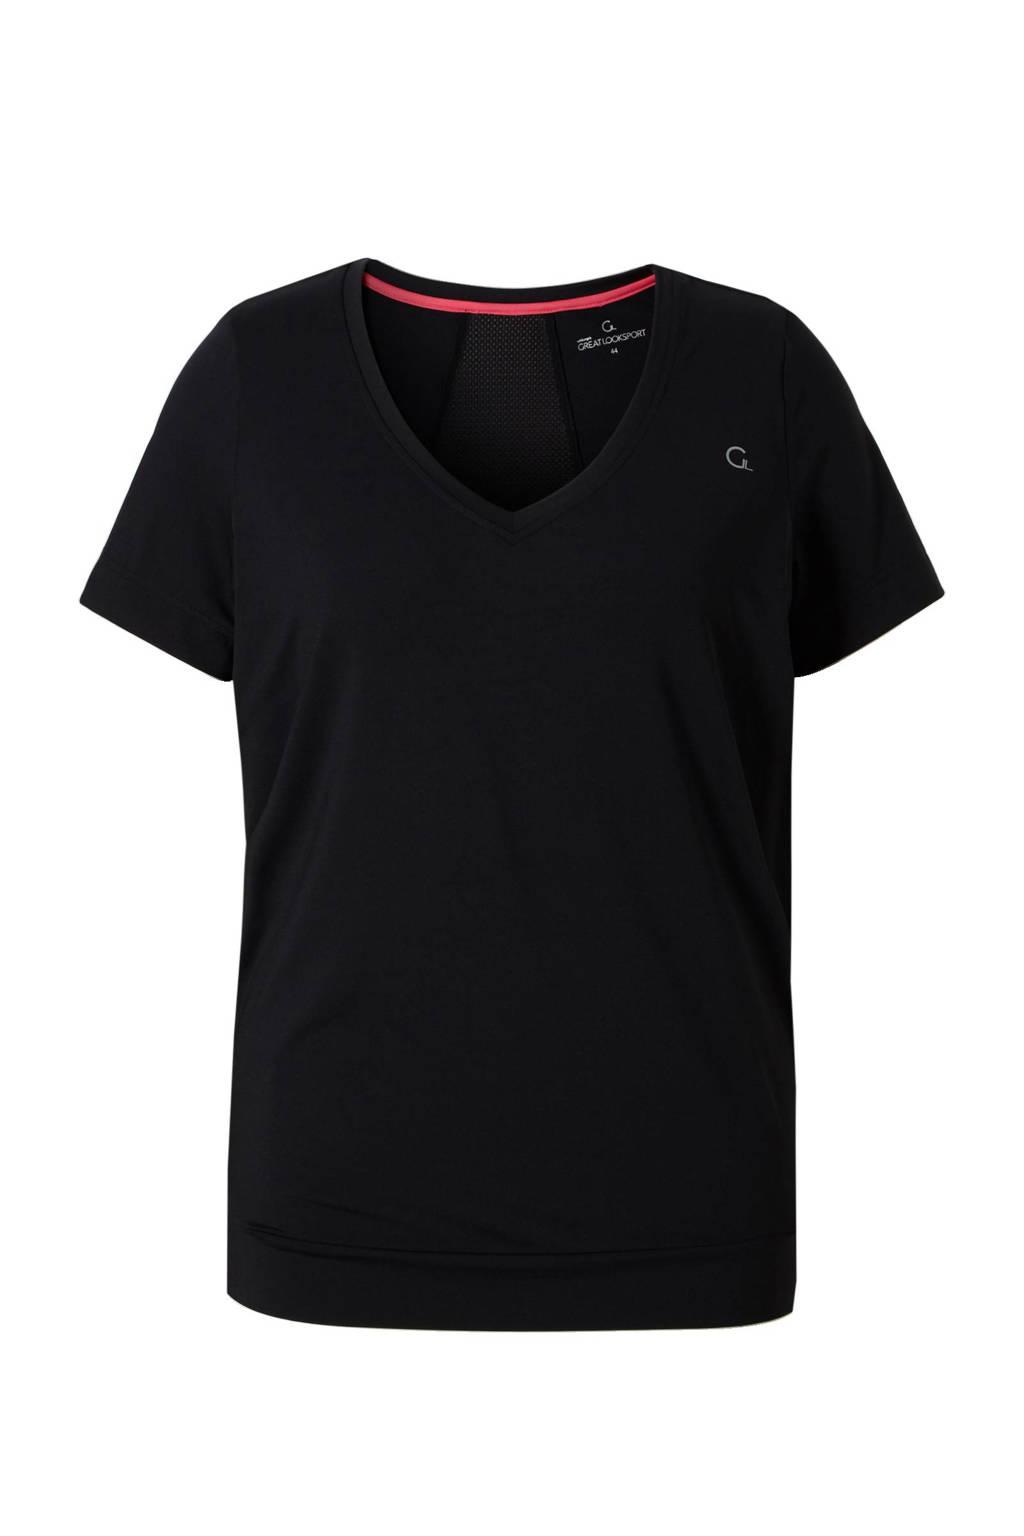 whkmp's great looks sport sport T-shirt, Zwart